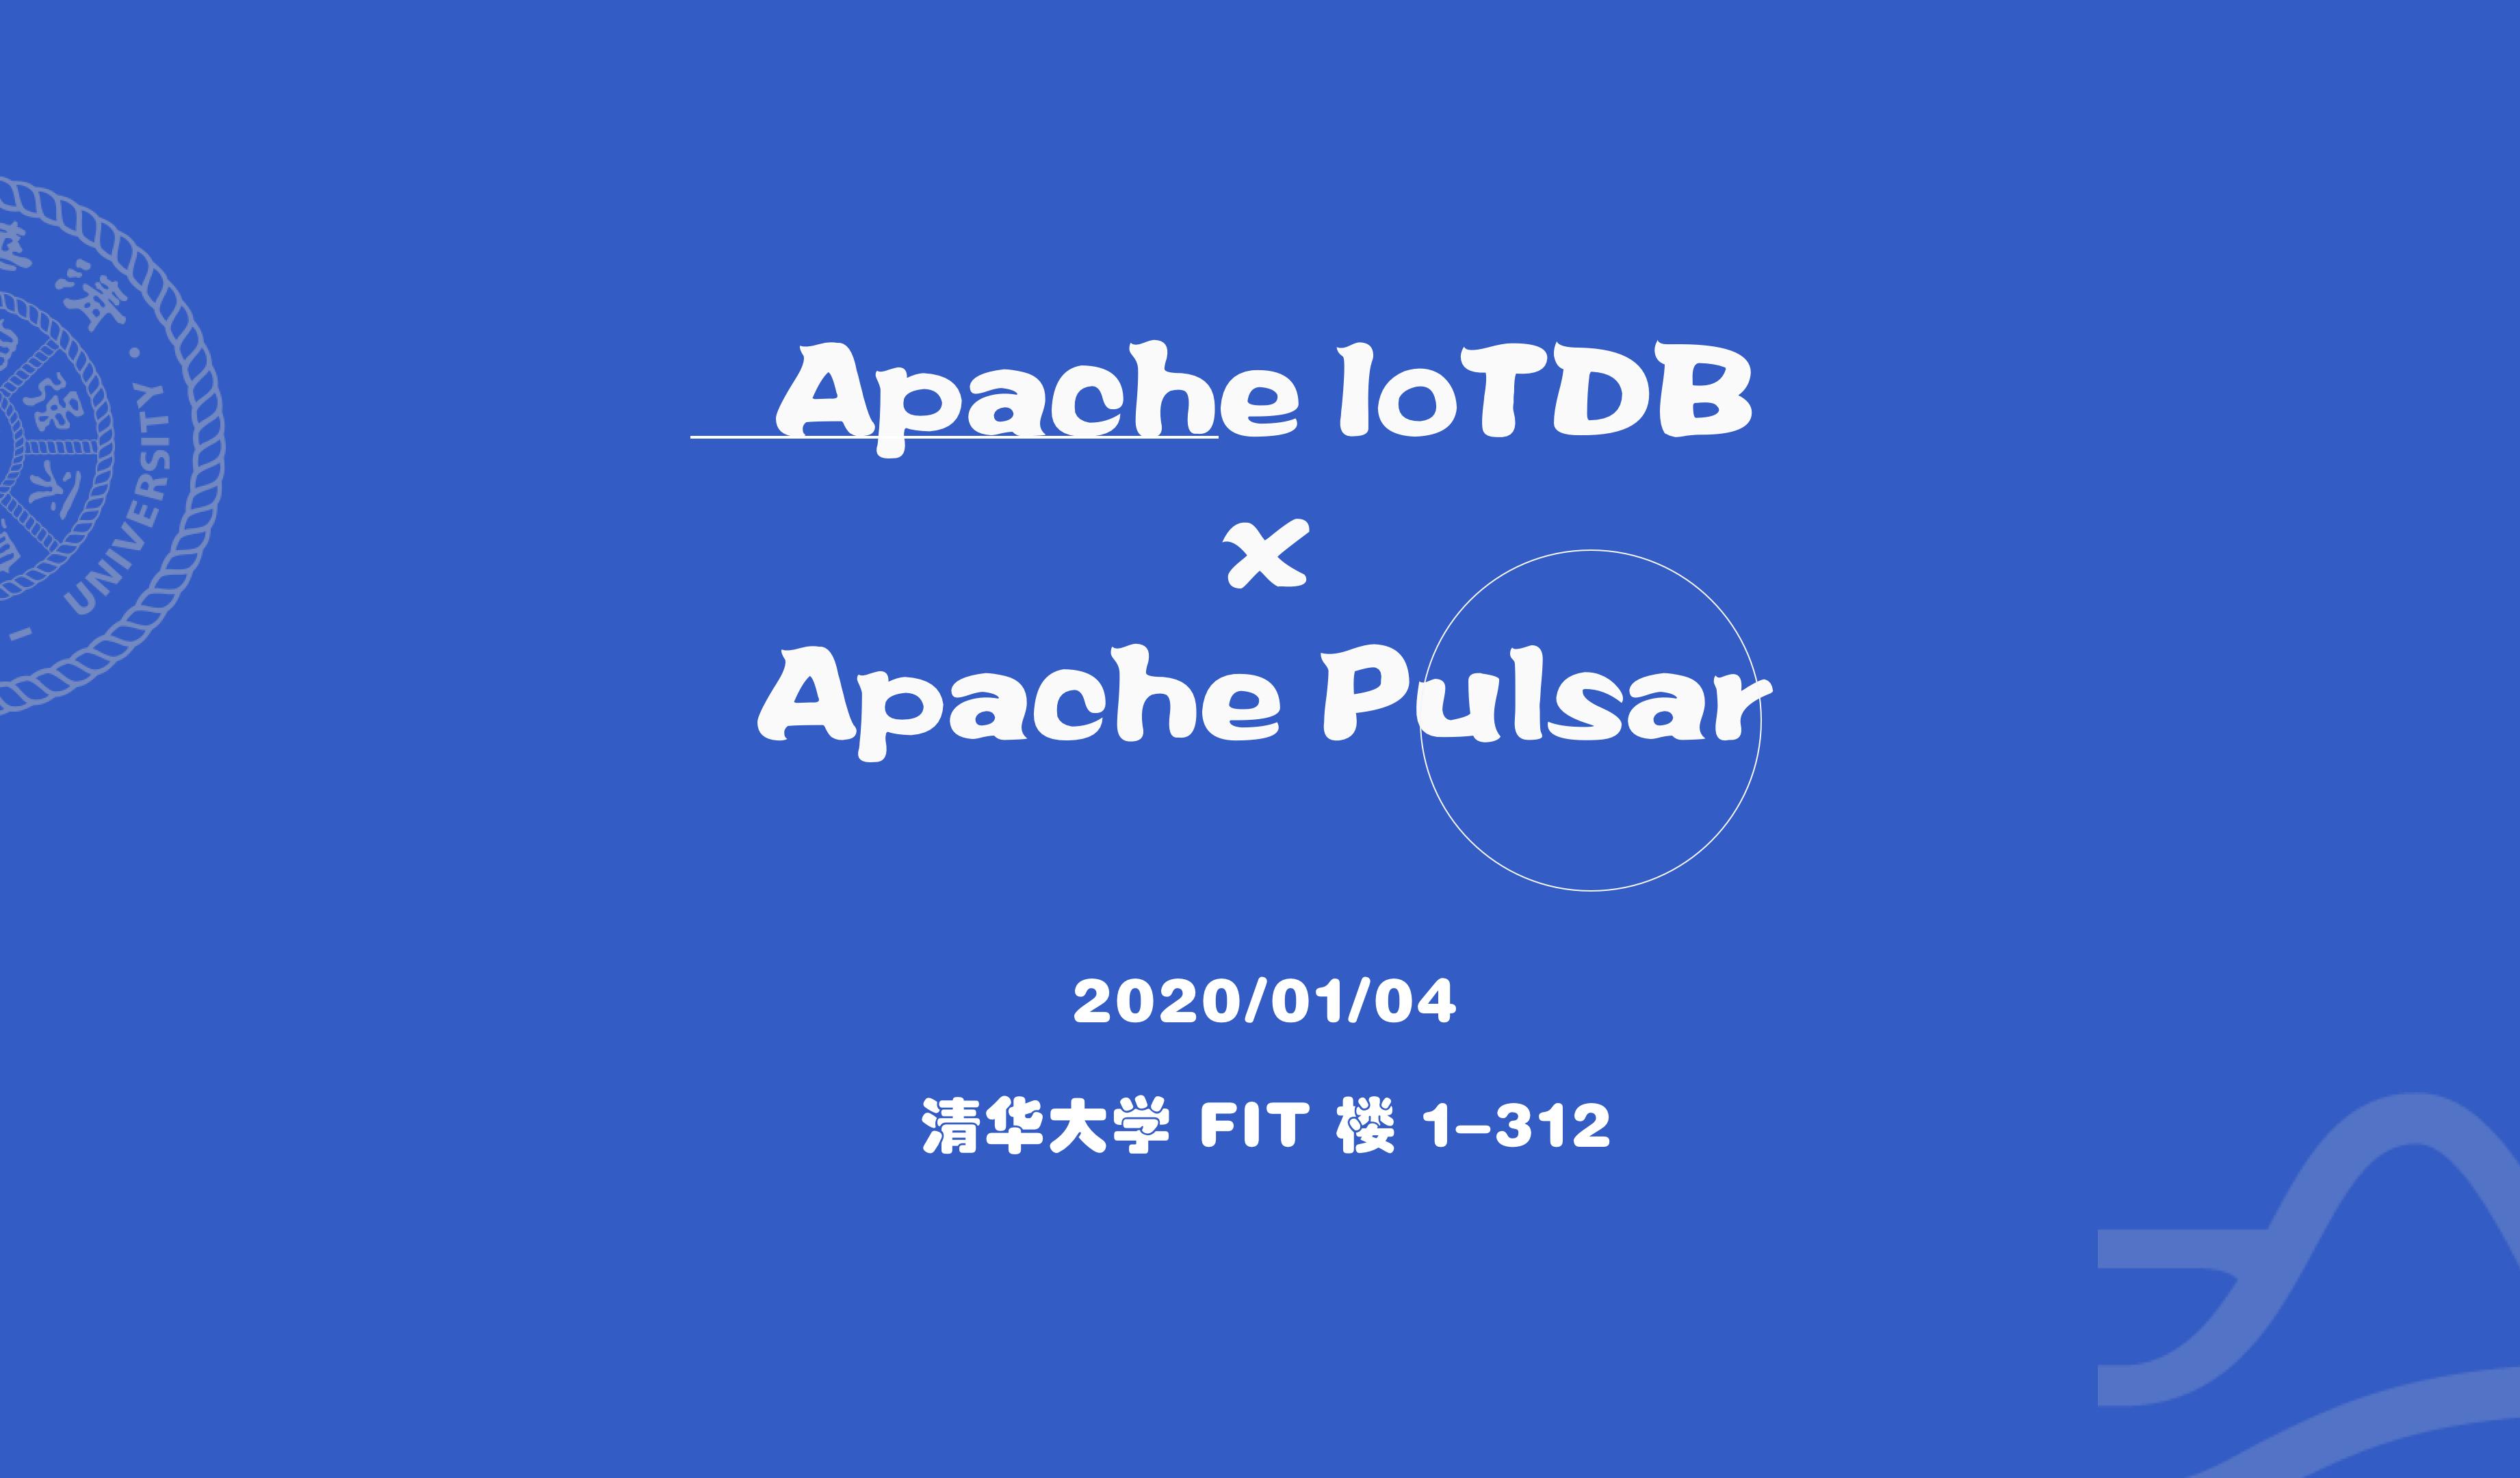 Apache IoTDB x Apache Pulsar Meetup